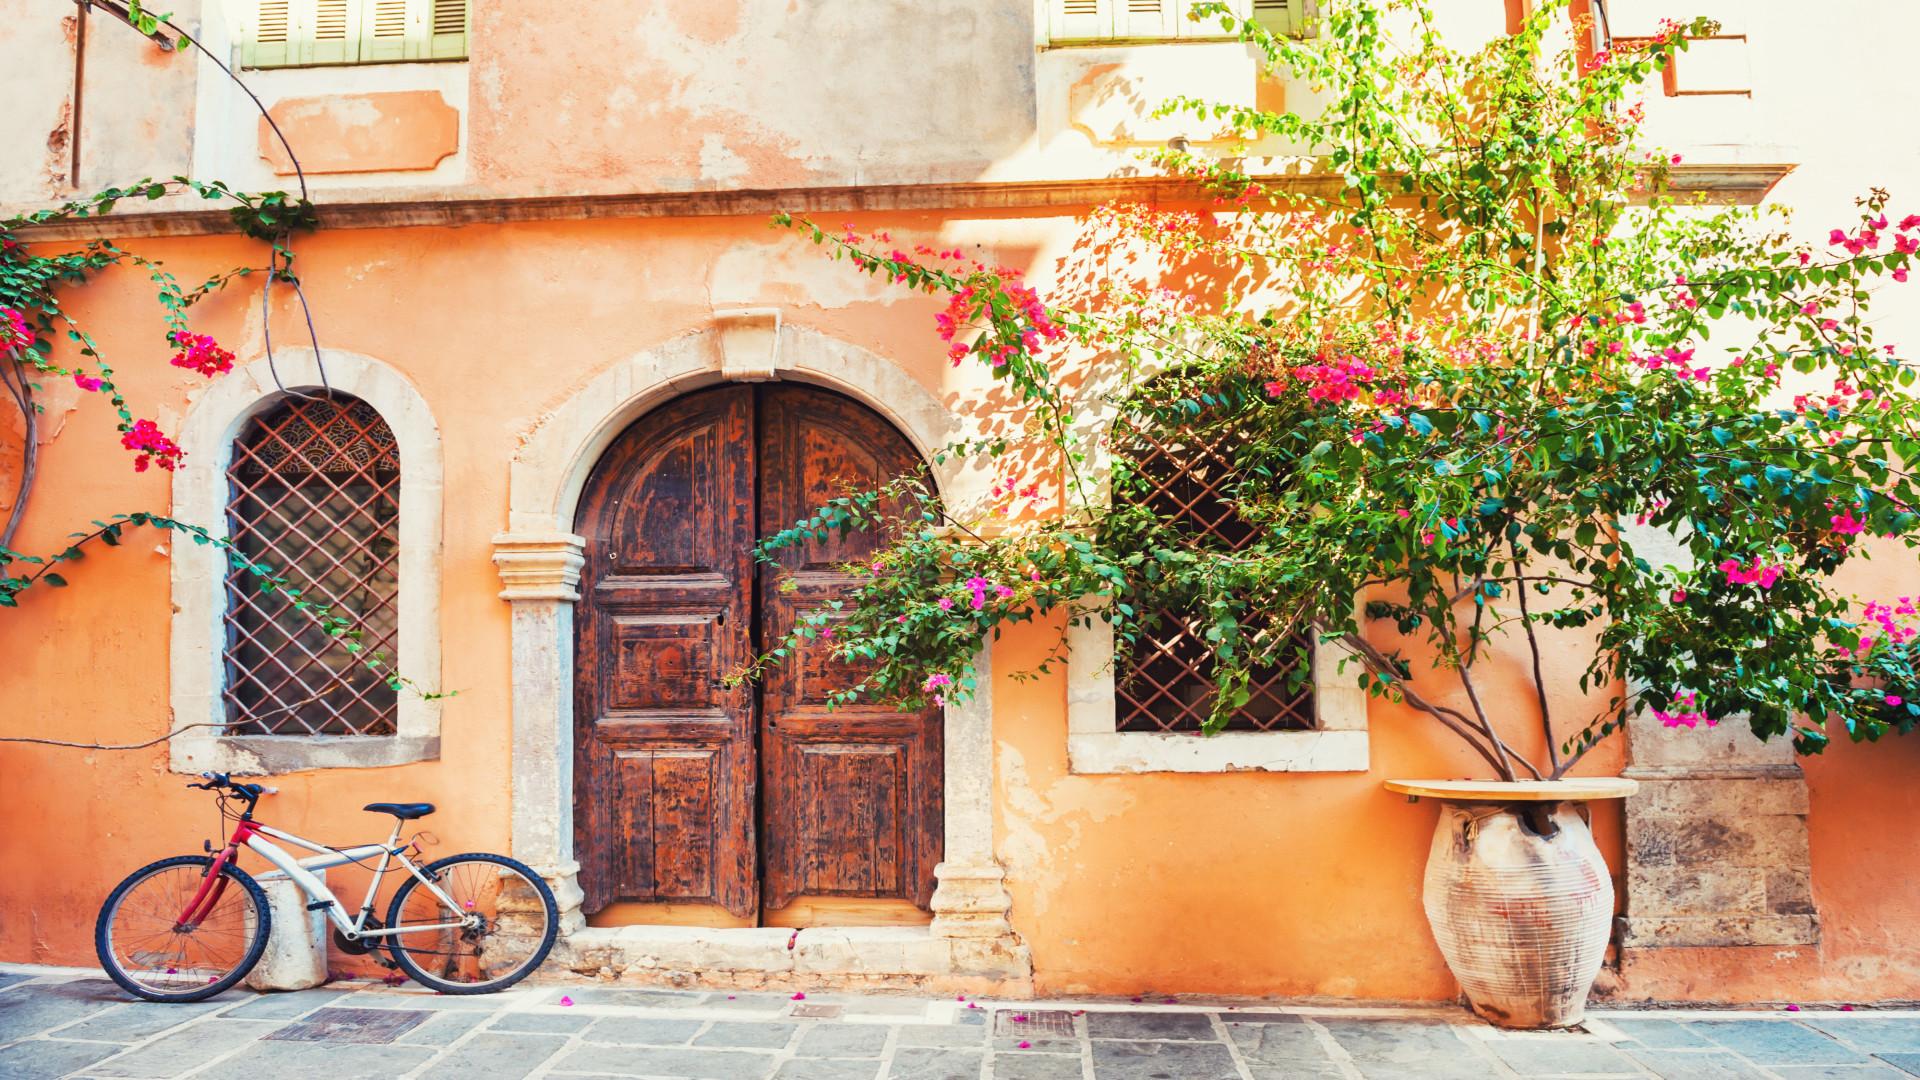 Griekenland Kreta Couleur locale huis met oude deur, fiets en bougainville